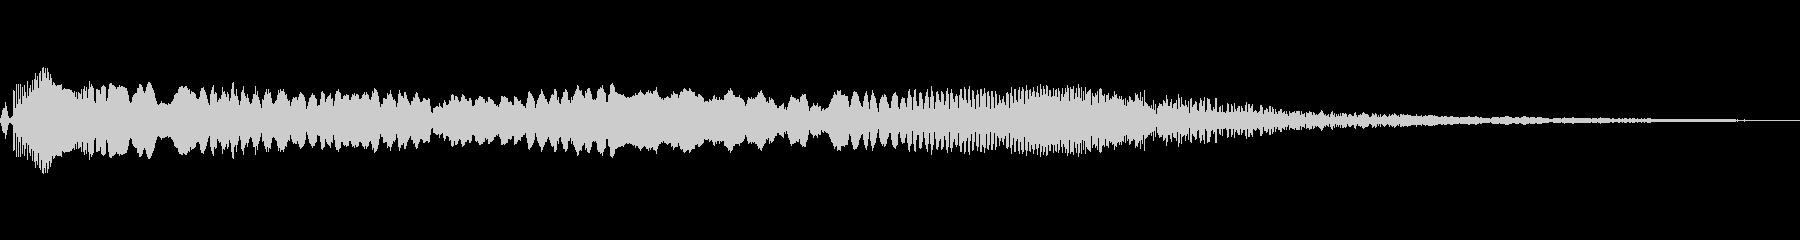 イーグルスクリーチ、エコーの未再生の波形